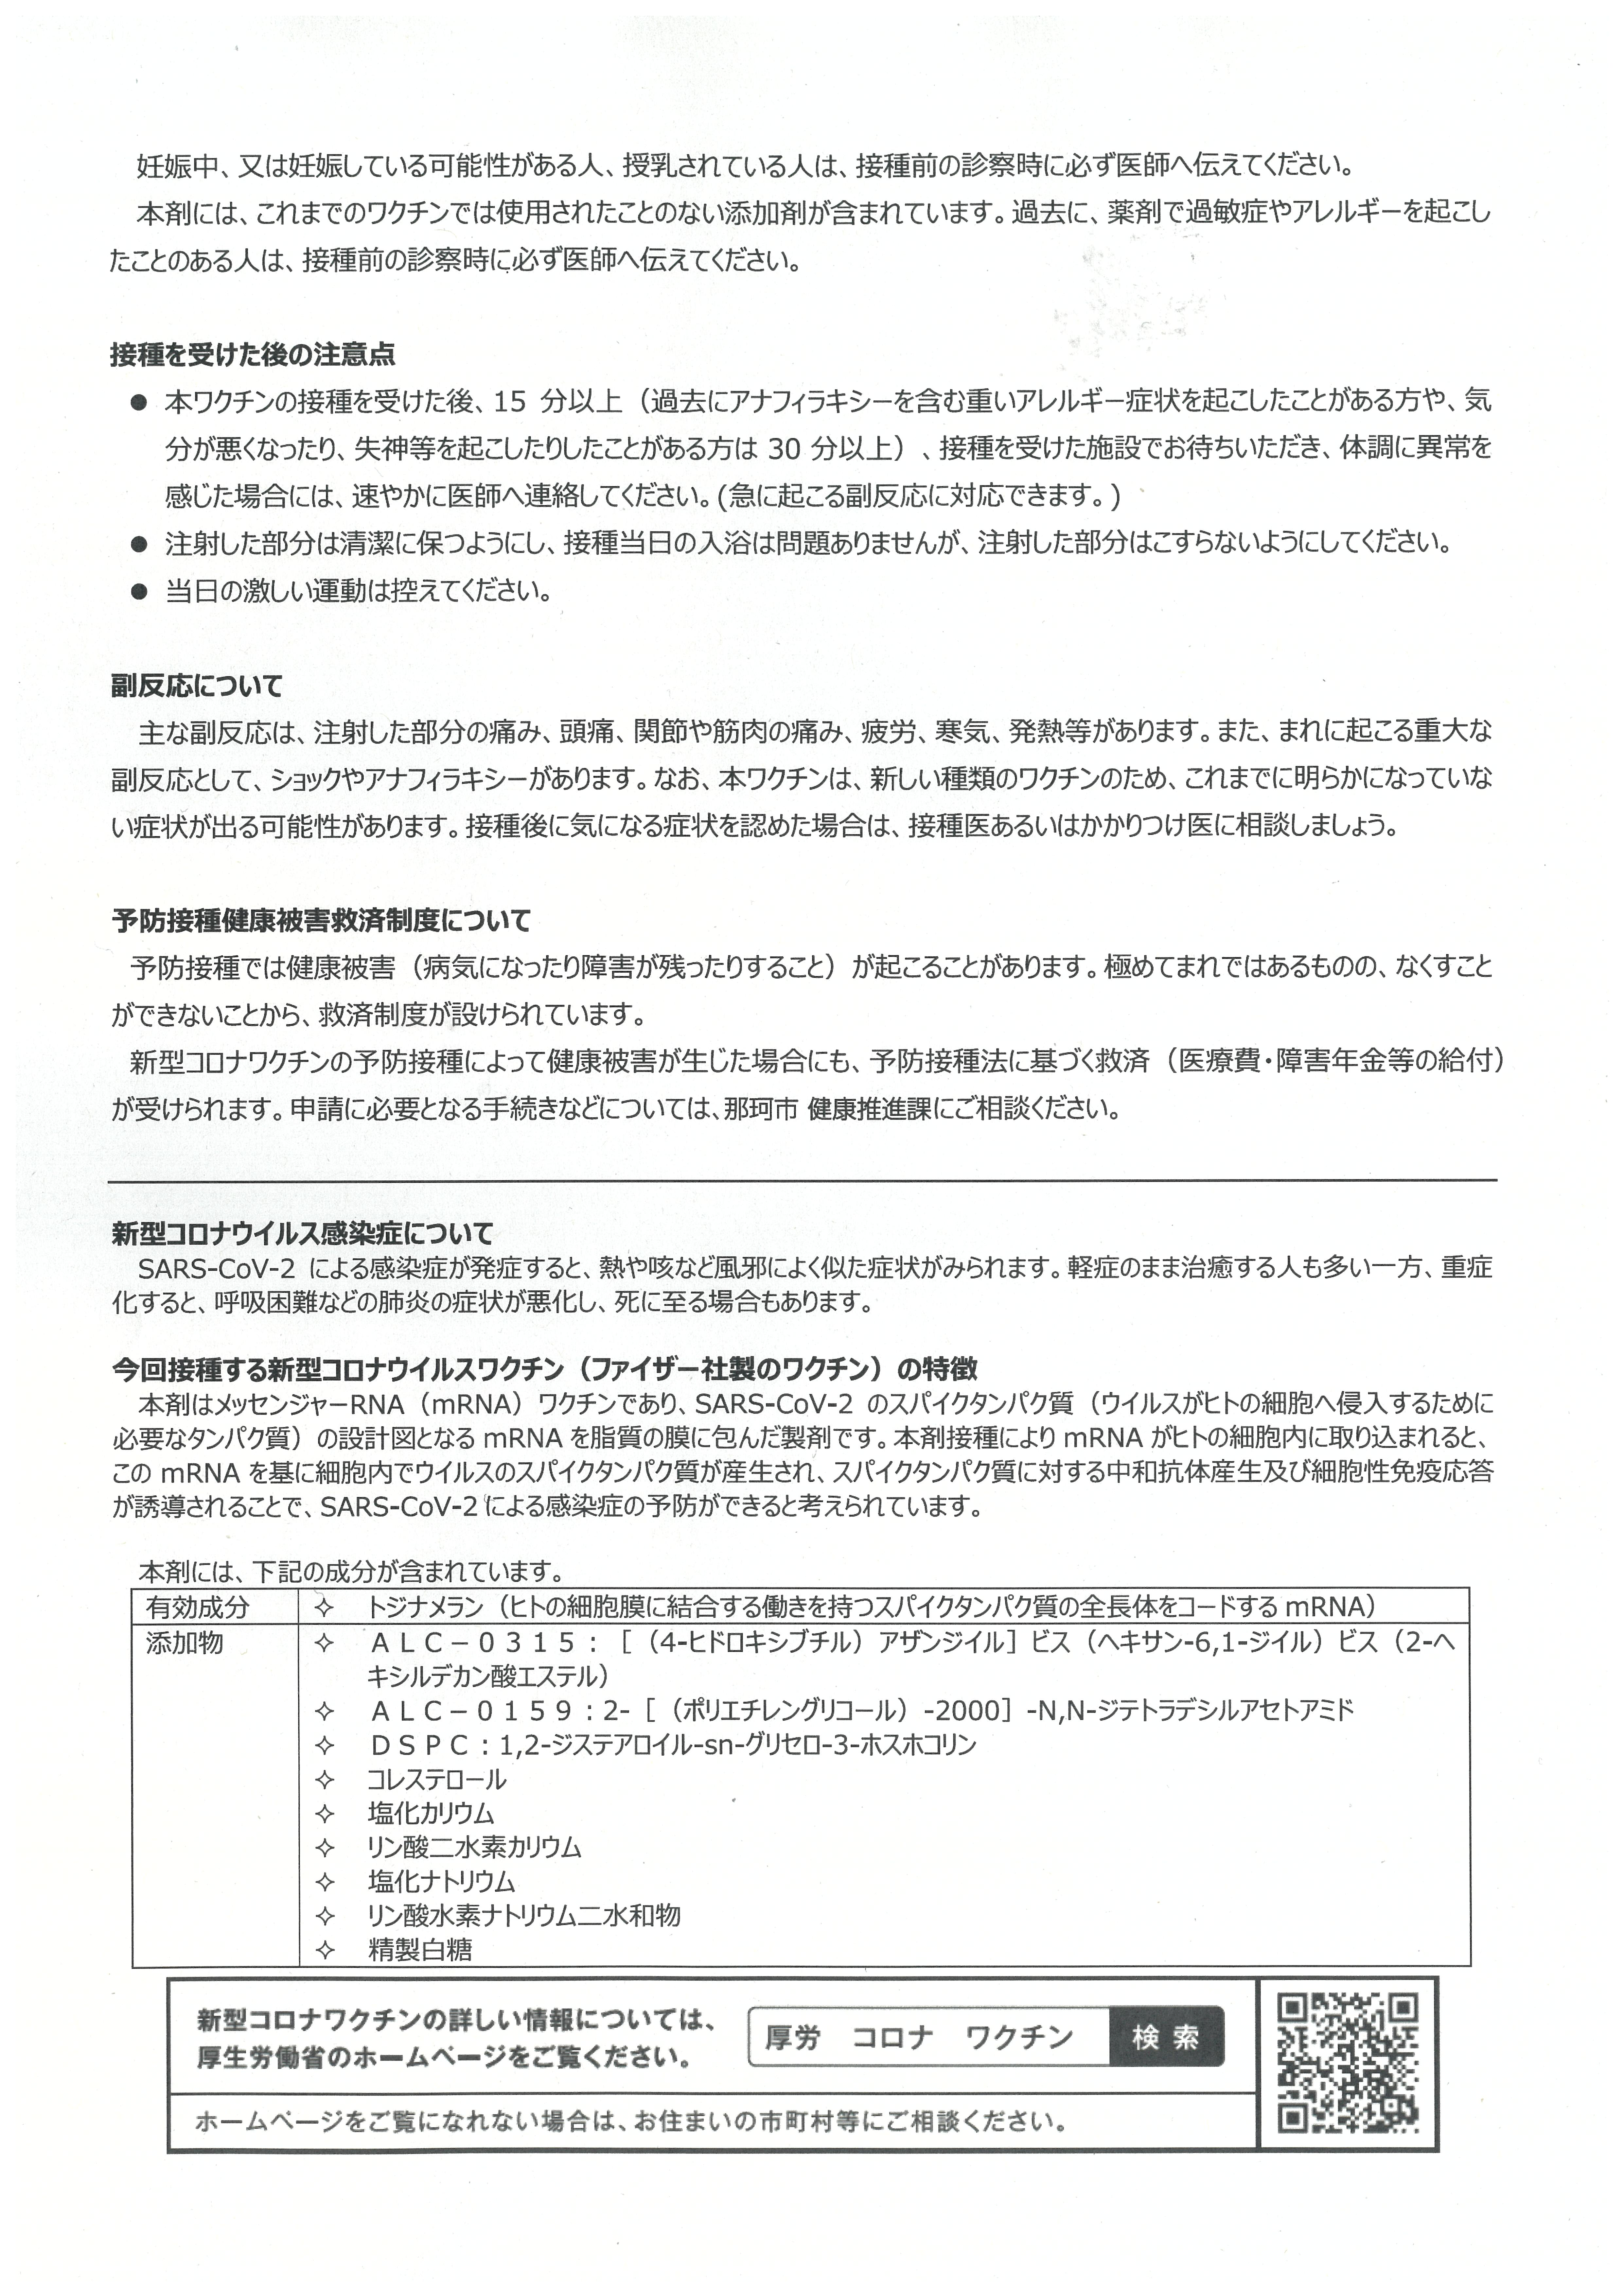 新型コロナワクチンの説明書(裏)